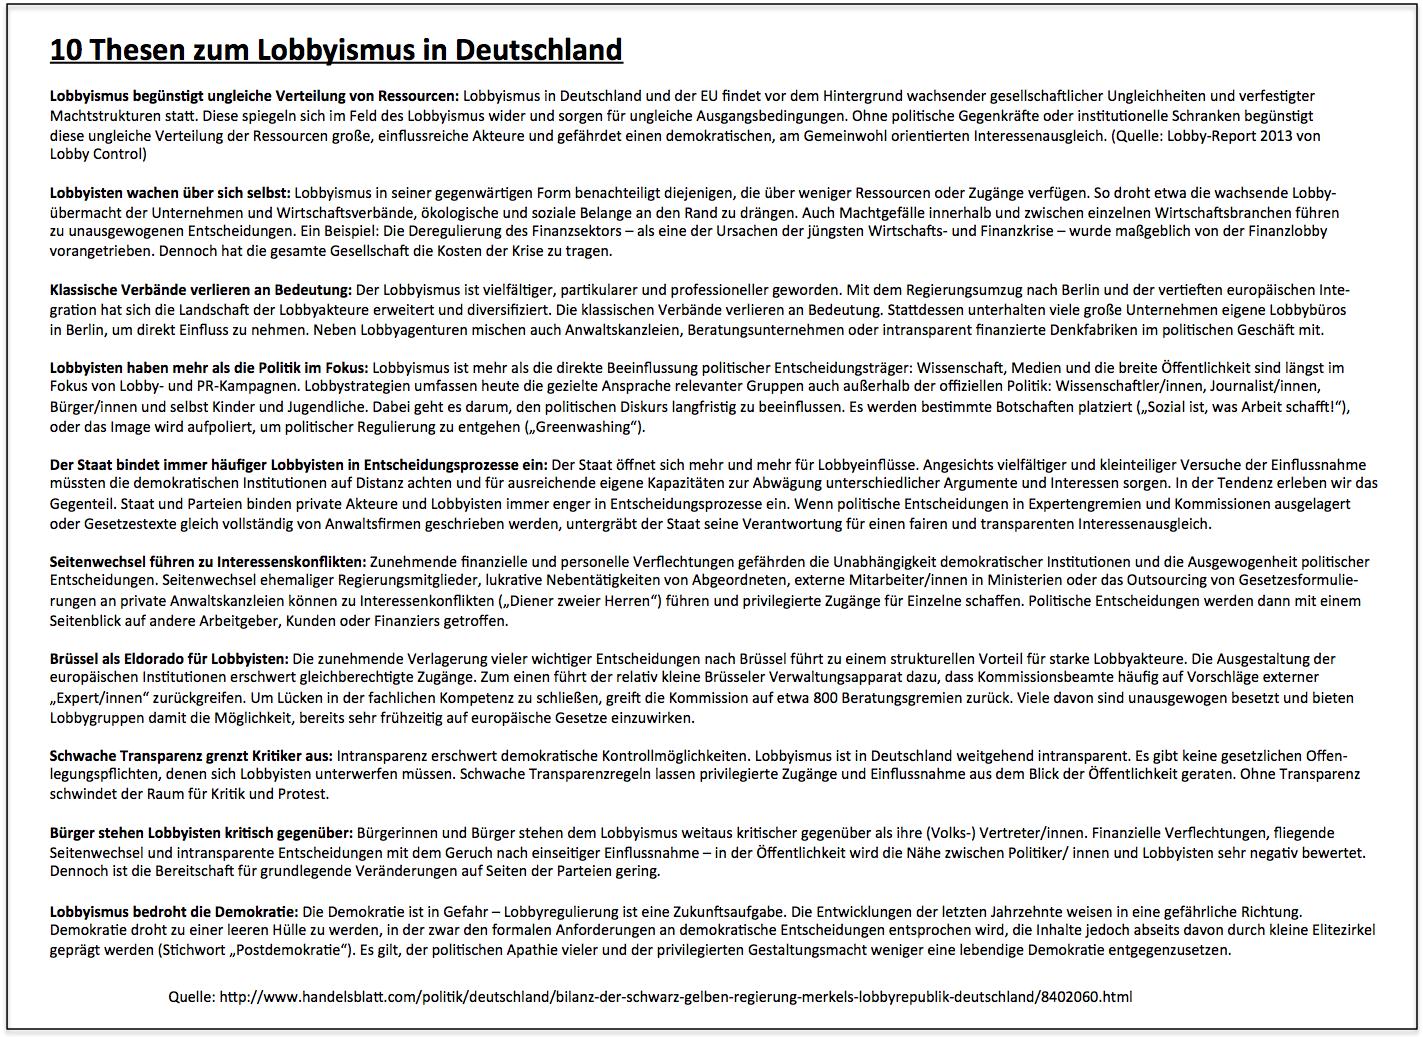 10 thesen zum lobbyismus in deutschland klick auf bild. Black Bedroom Furniture Sets. Home Design Ideas